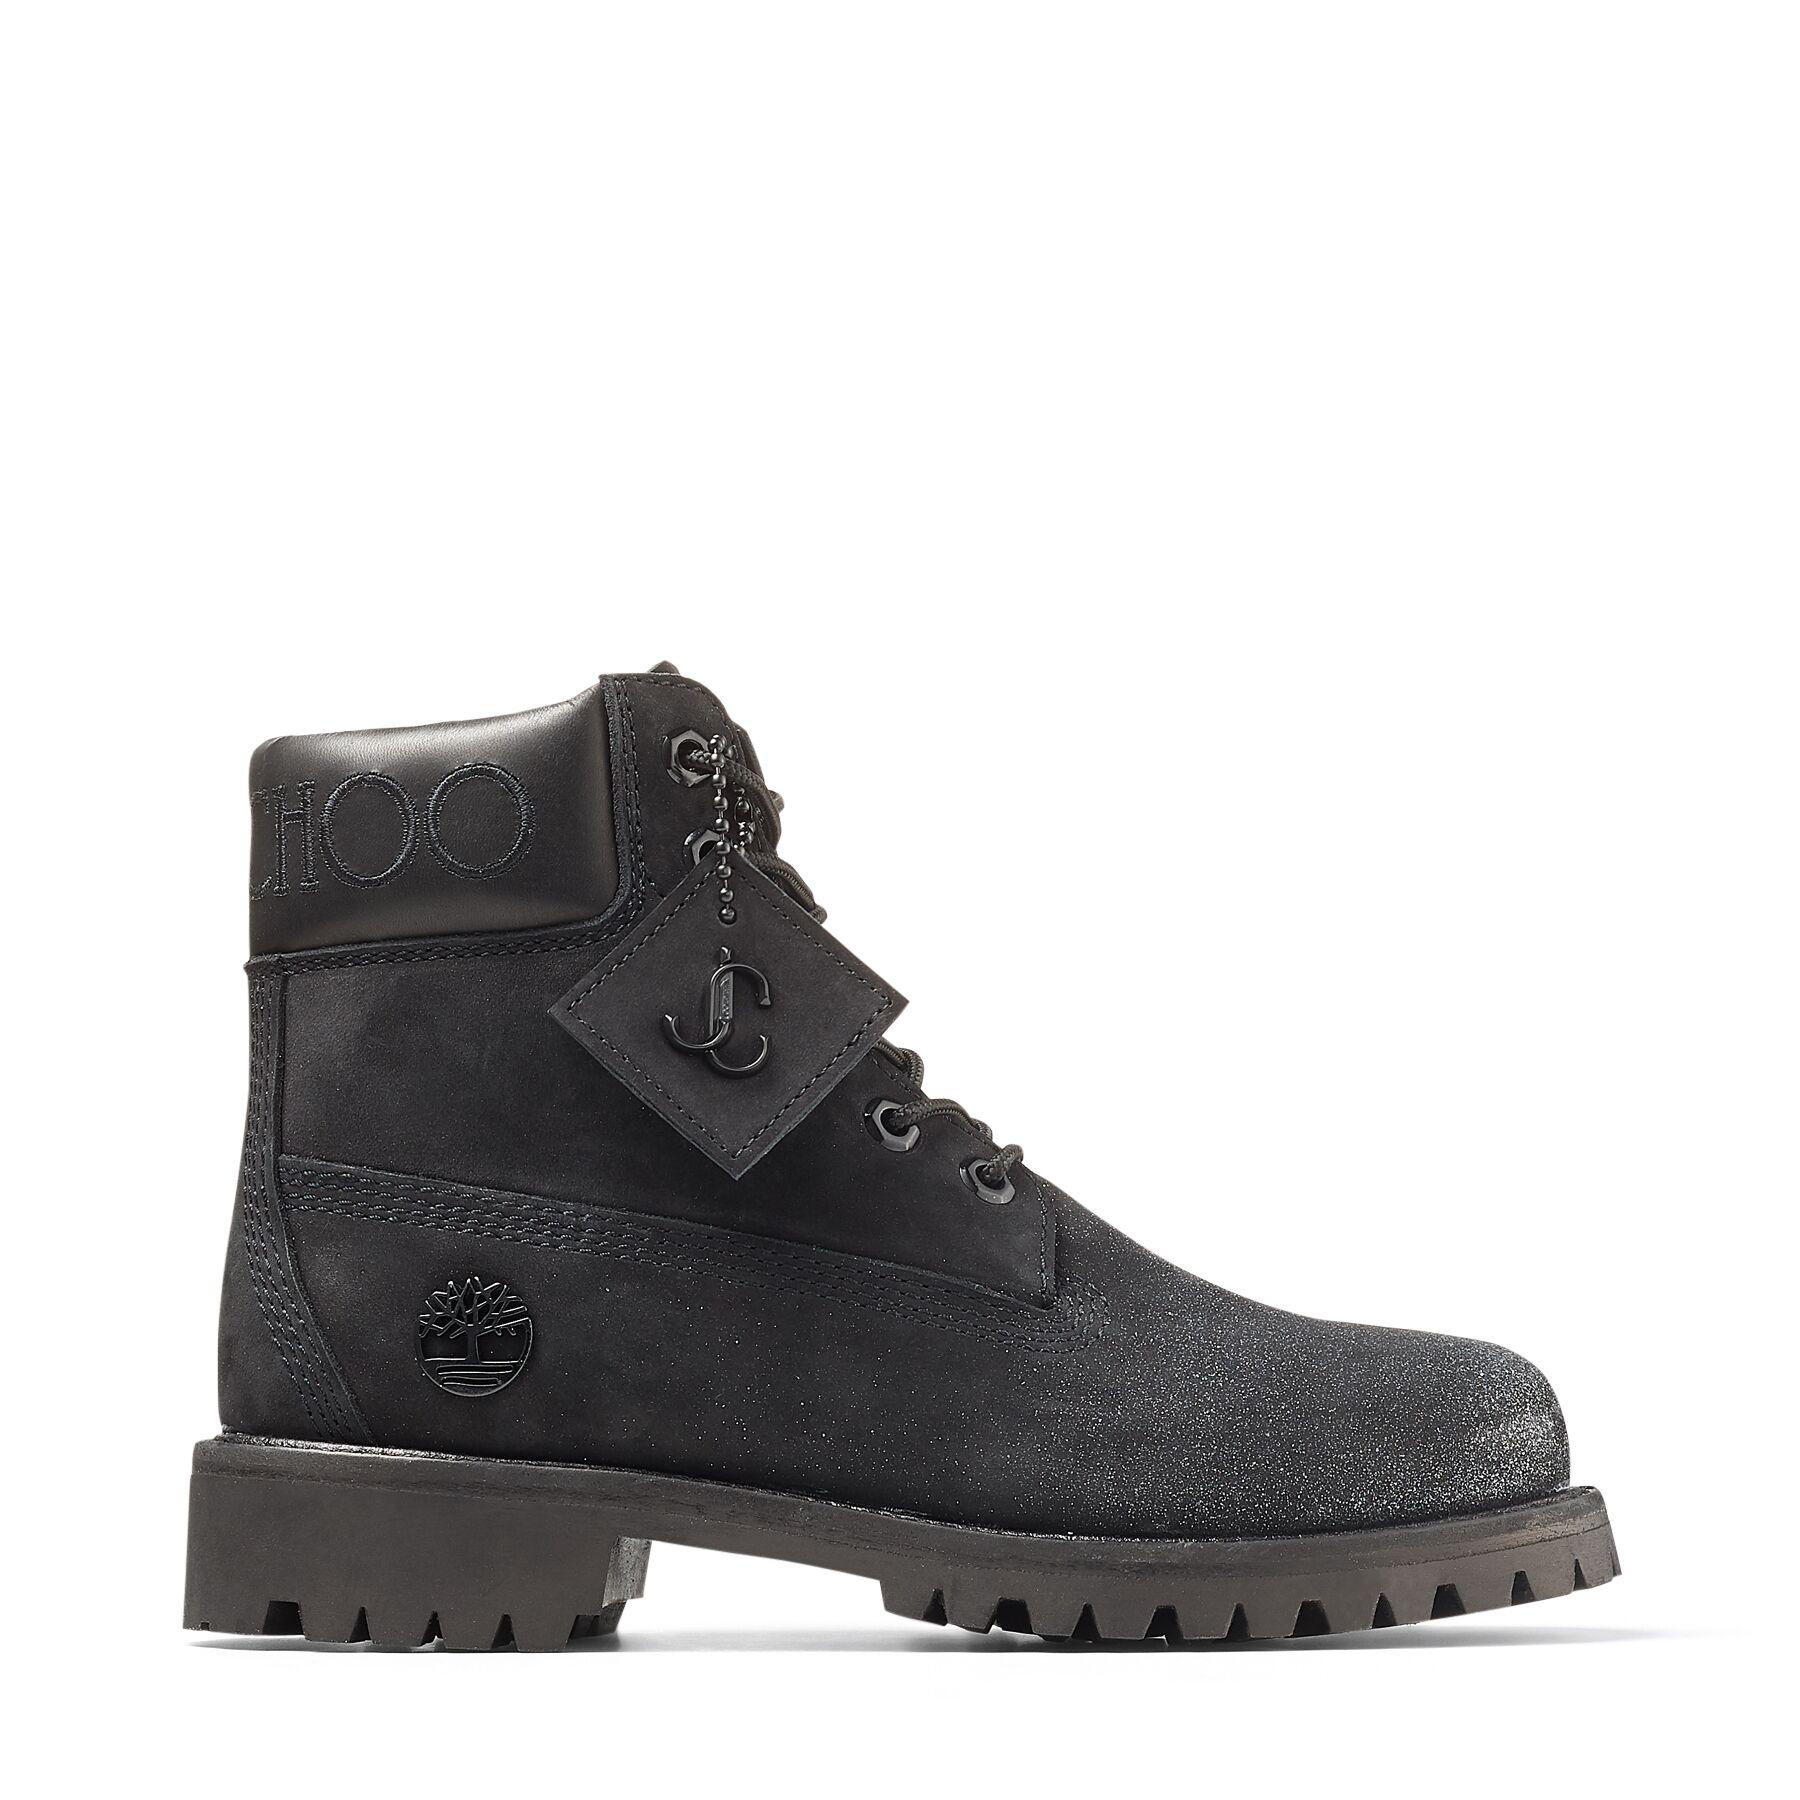 Jimmy Choo Jc X Timberland/F  - Black - Size: 7.5